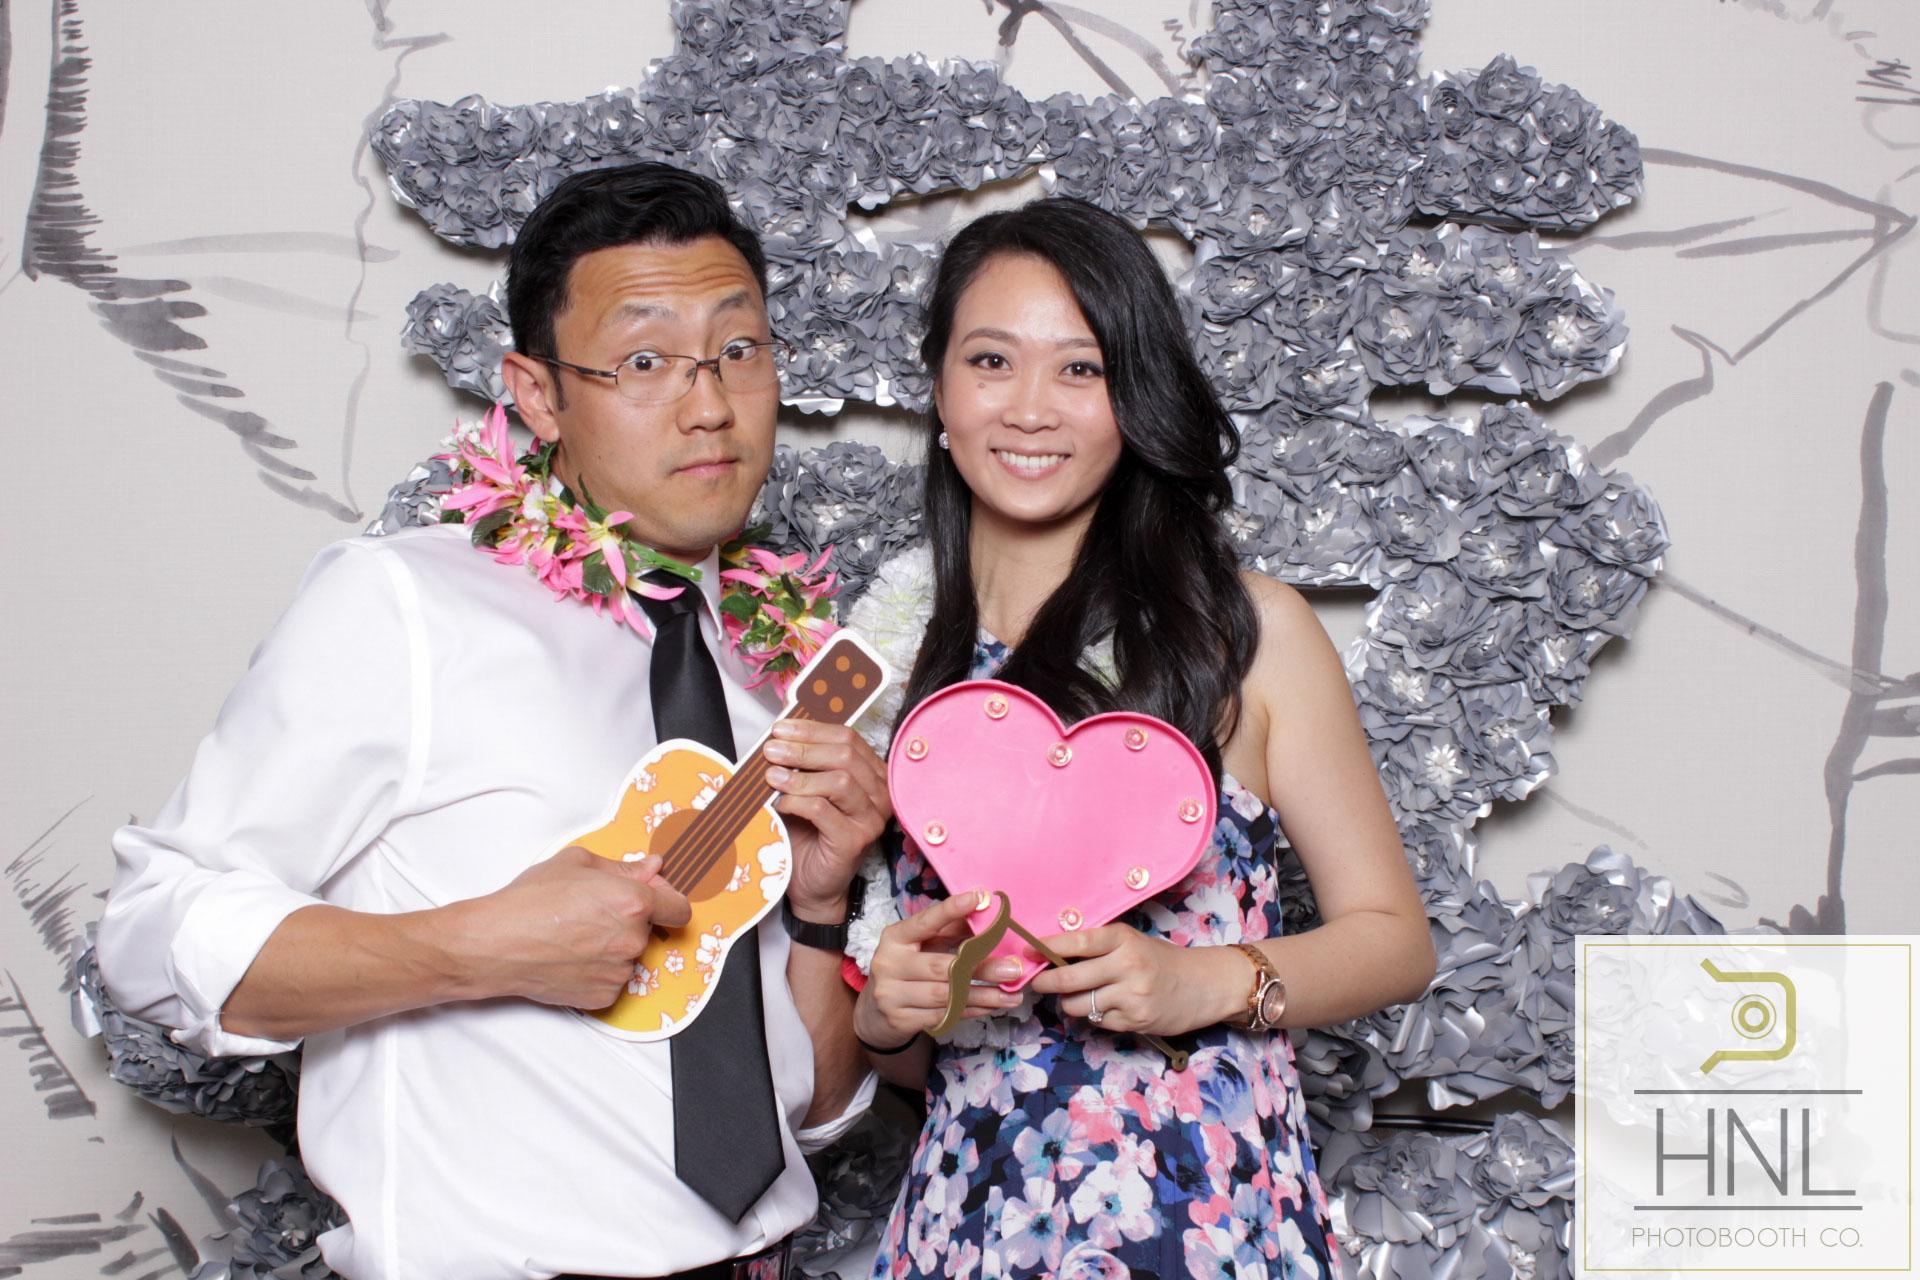 Amanda + Eric Wedding Photo Booth The Modern Honolulu Oahu Hawaii W-131.jpg